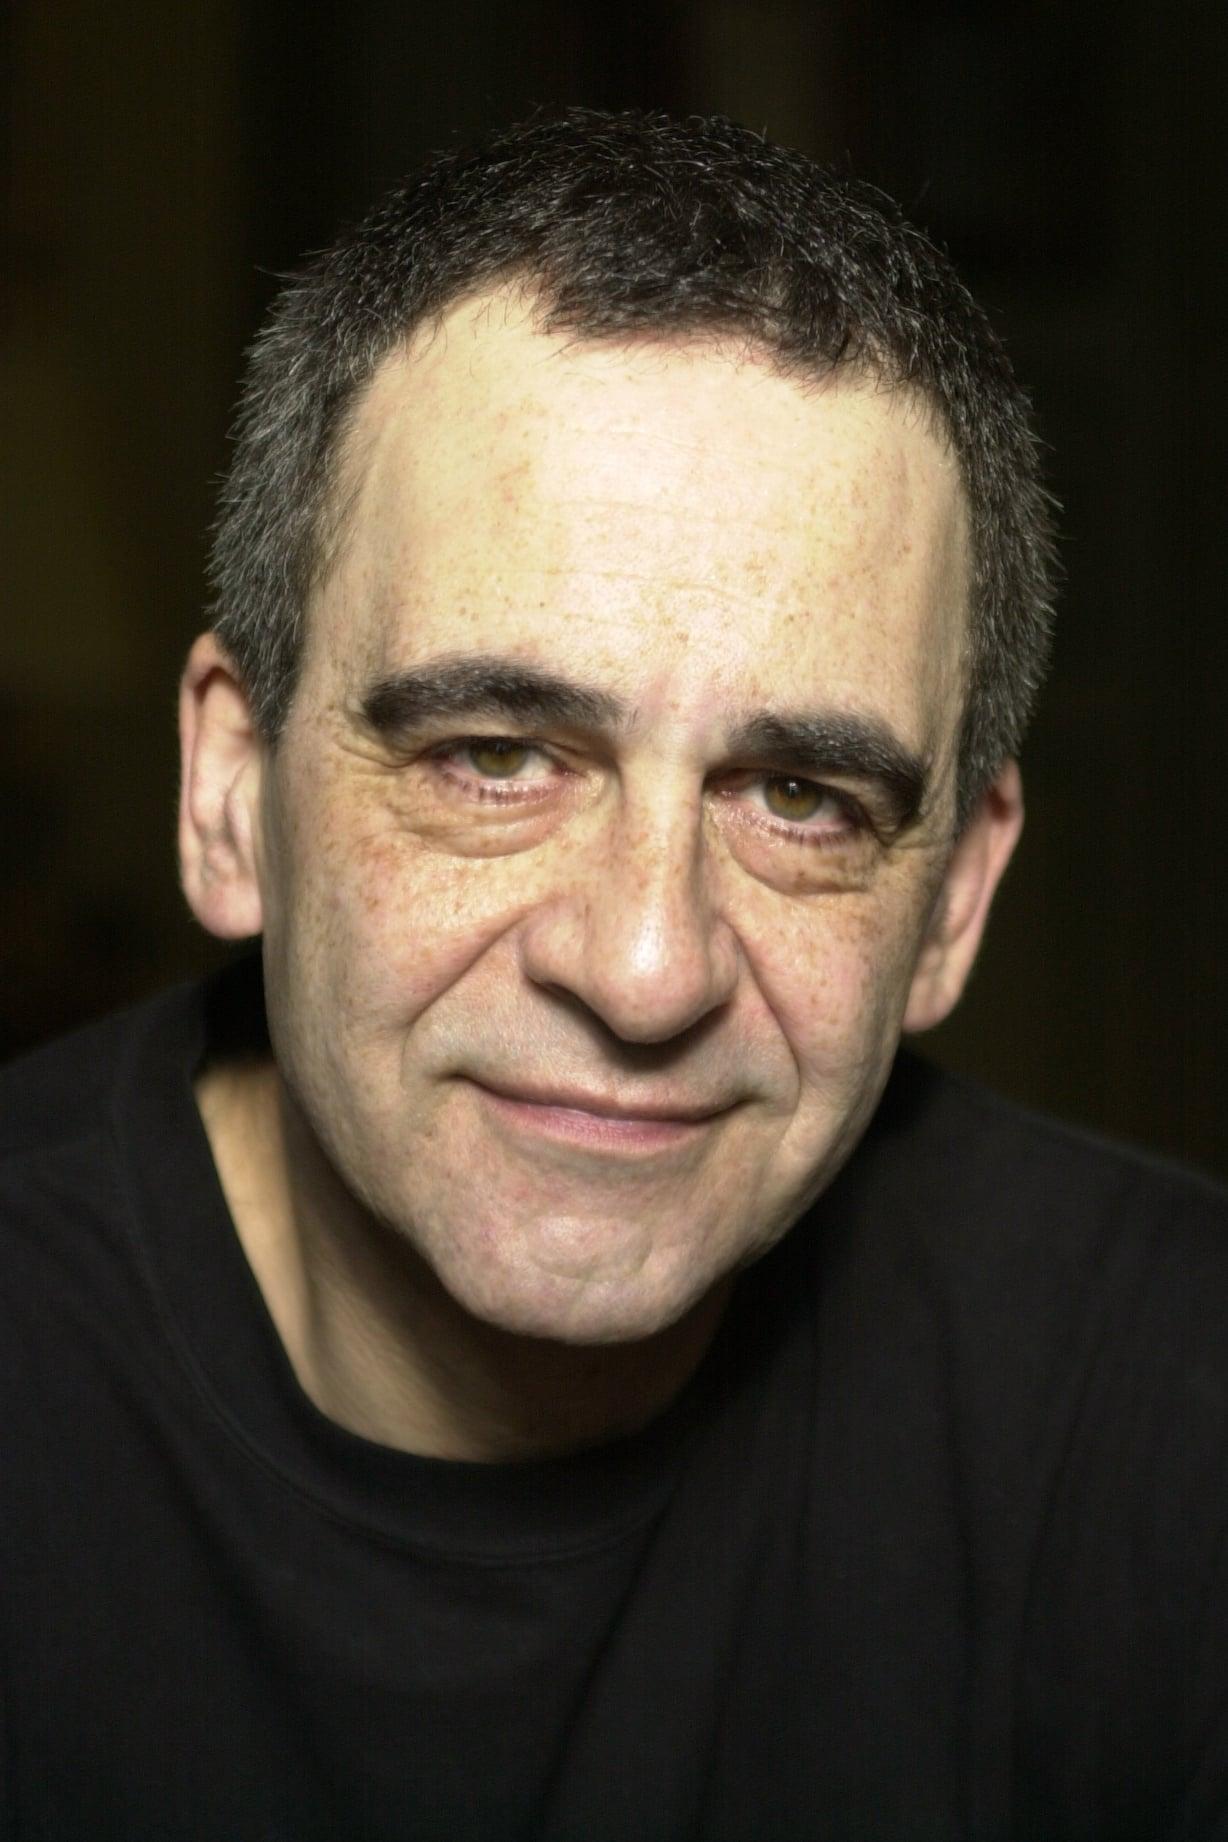 Paul Bandey